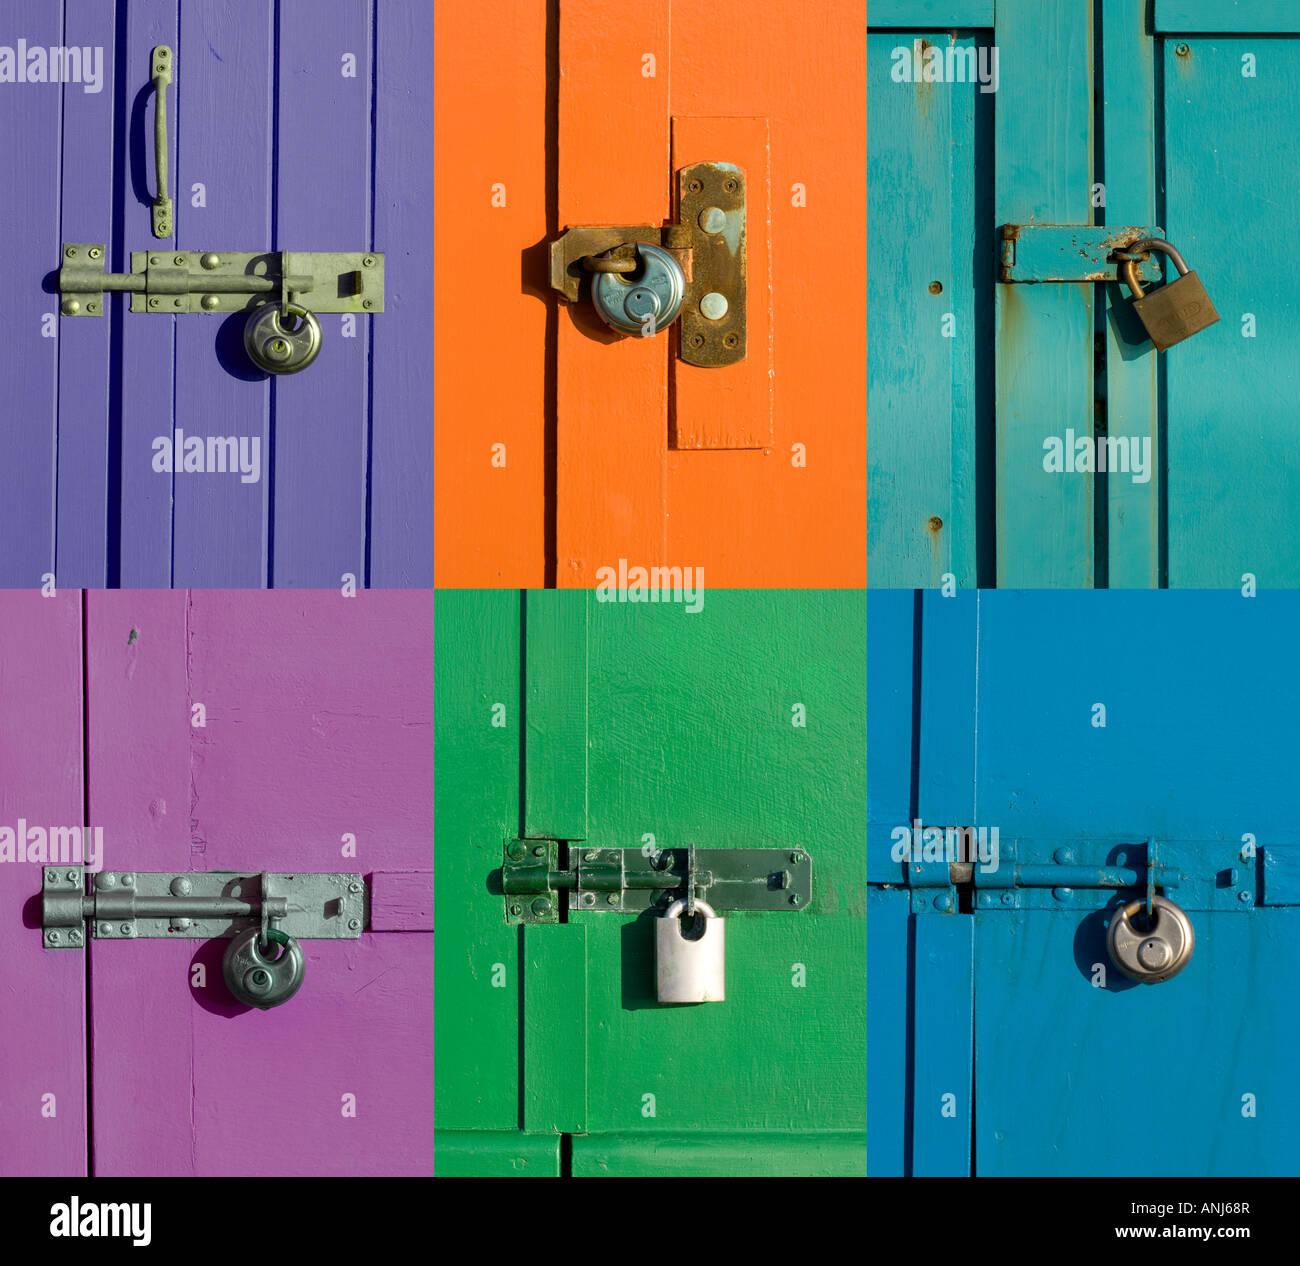 Schrauben und Schlösser an bunten Türen Stockbild